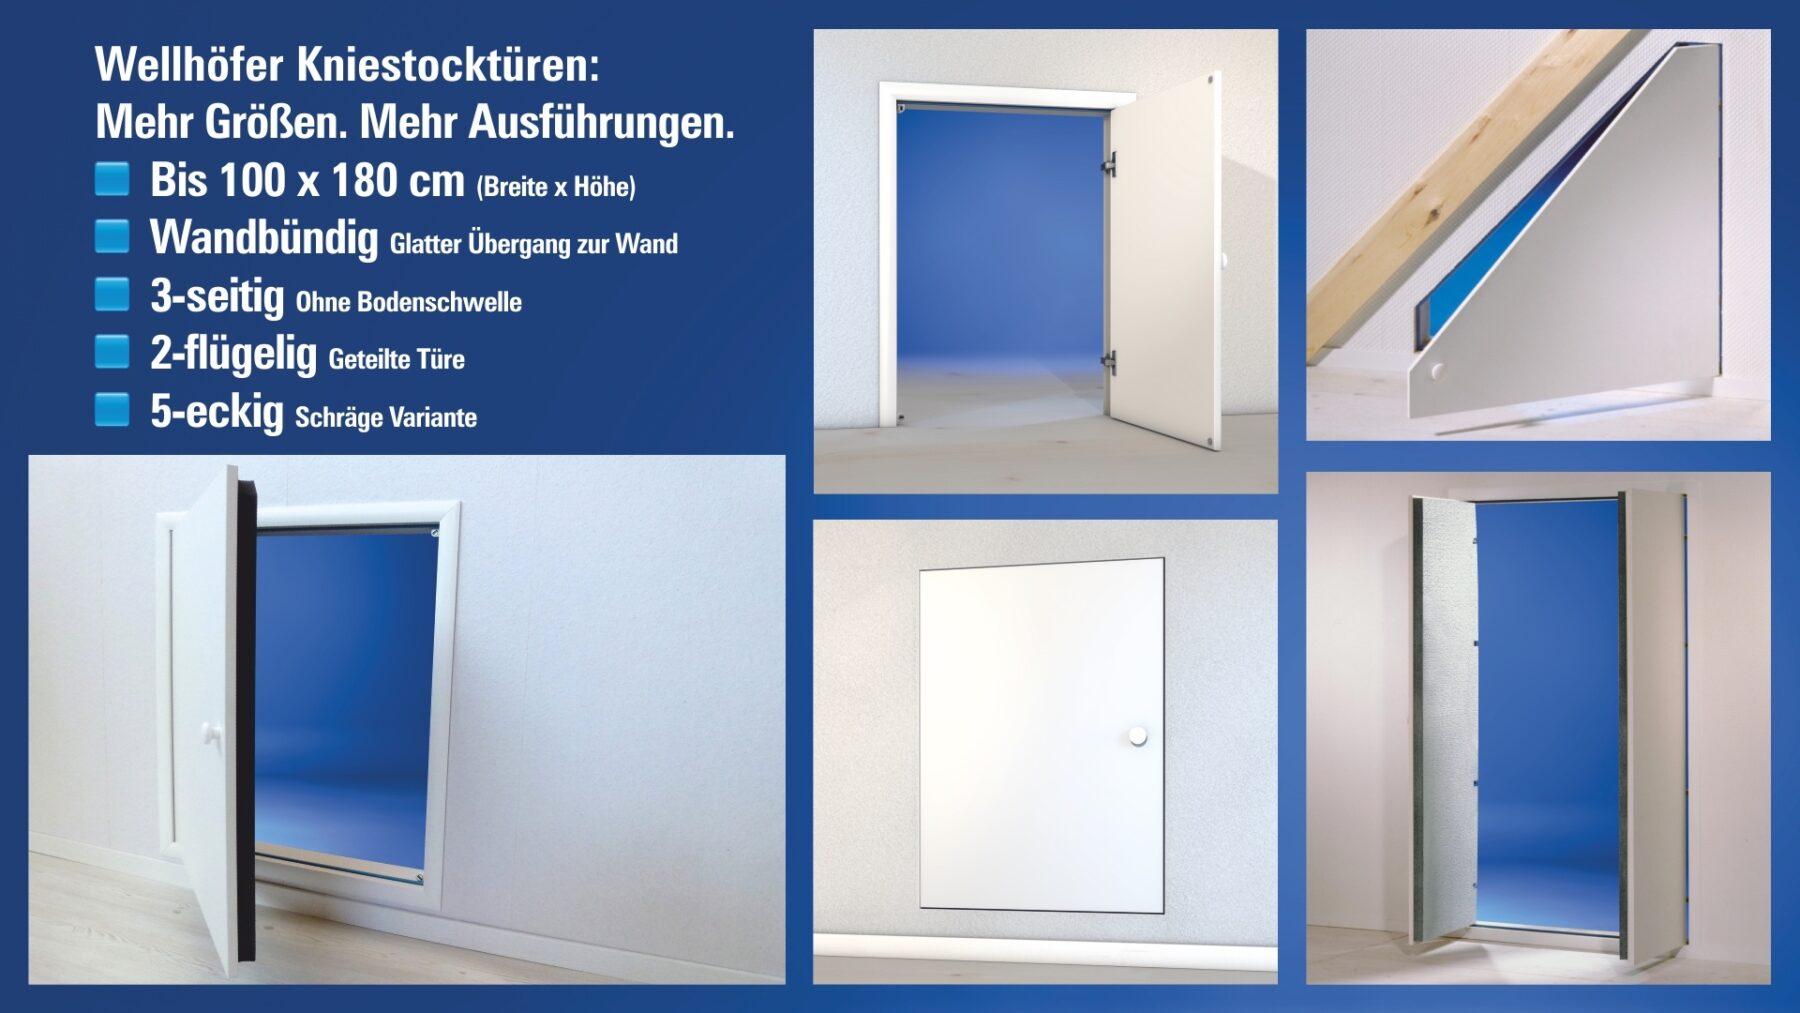 Klassisch, abgeschrägt, zweiflügelig, bodengleich: Es gibt viele Kniestocktür-Varianten. Foto: Wellhöfer